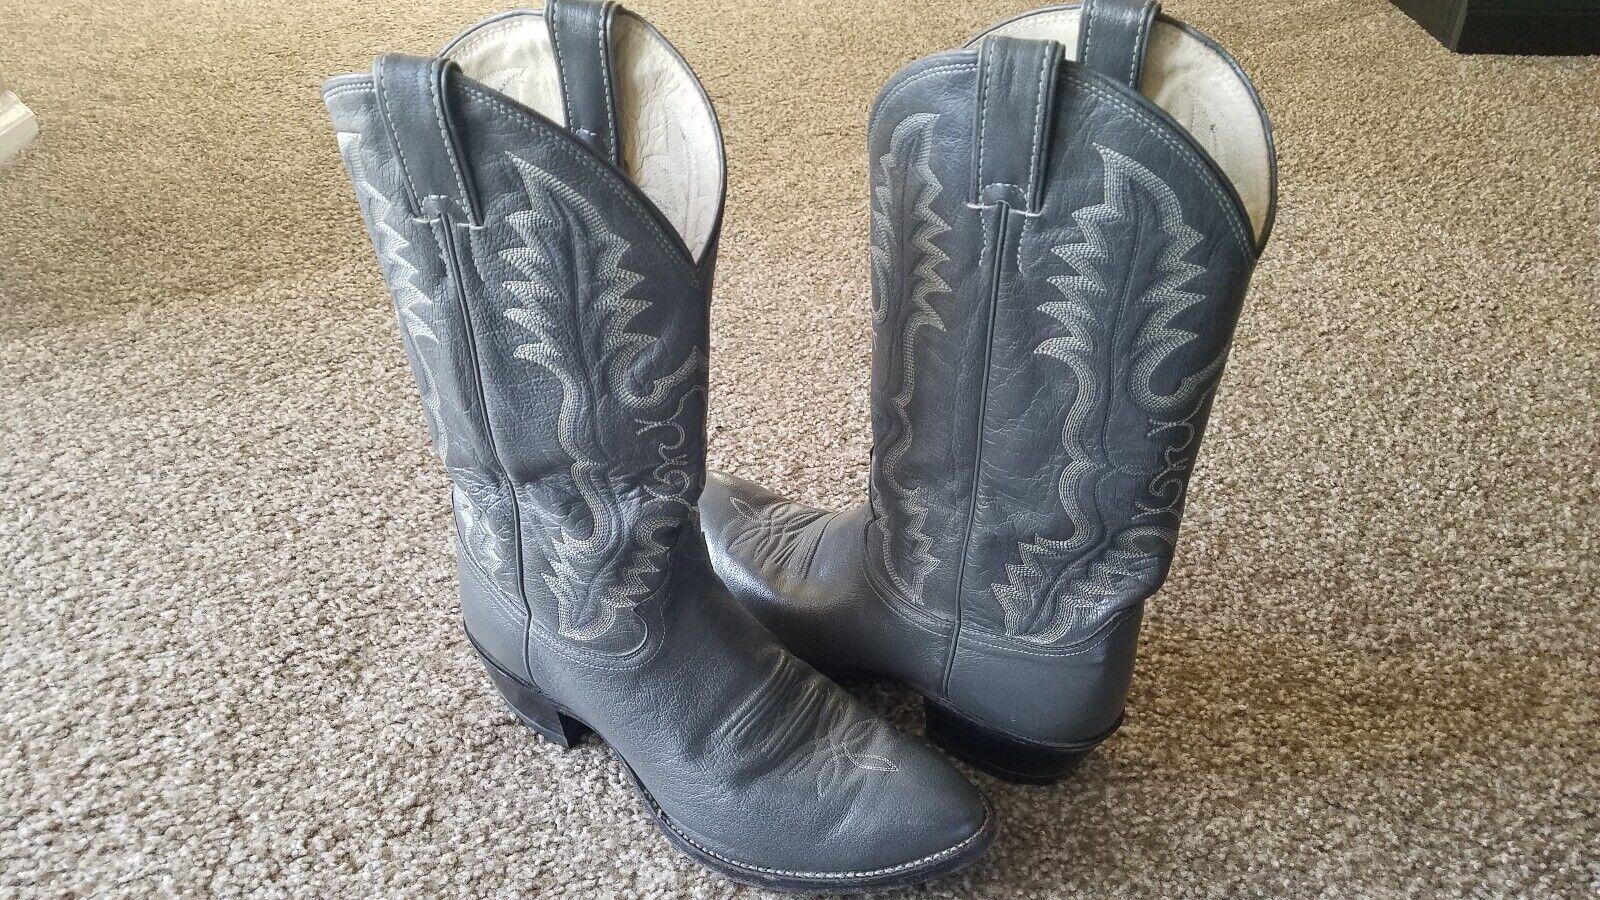 Vintage Justin botas exótico gris Tamaño D 10 estilo 1278 Vaquero suavemente desgastados